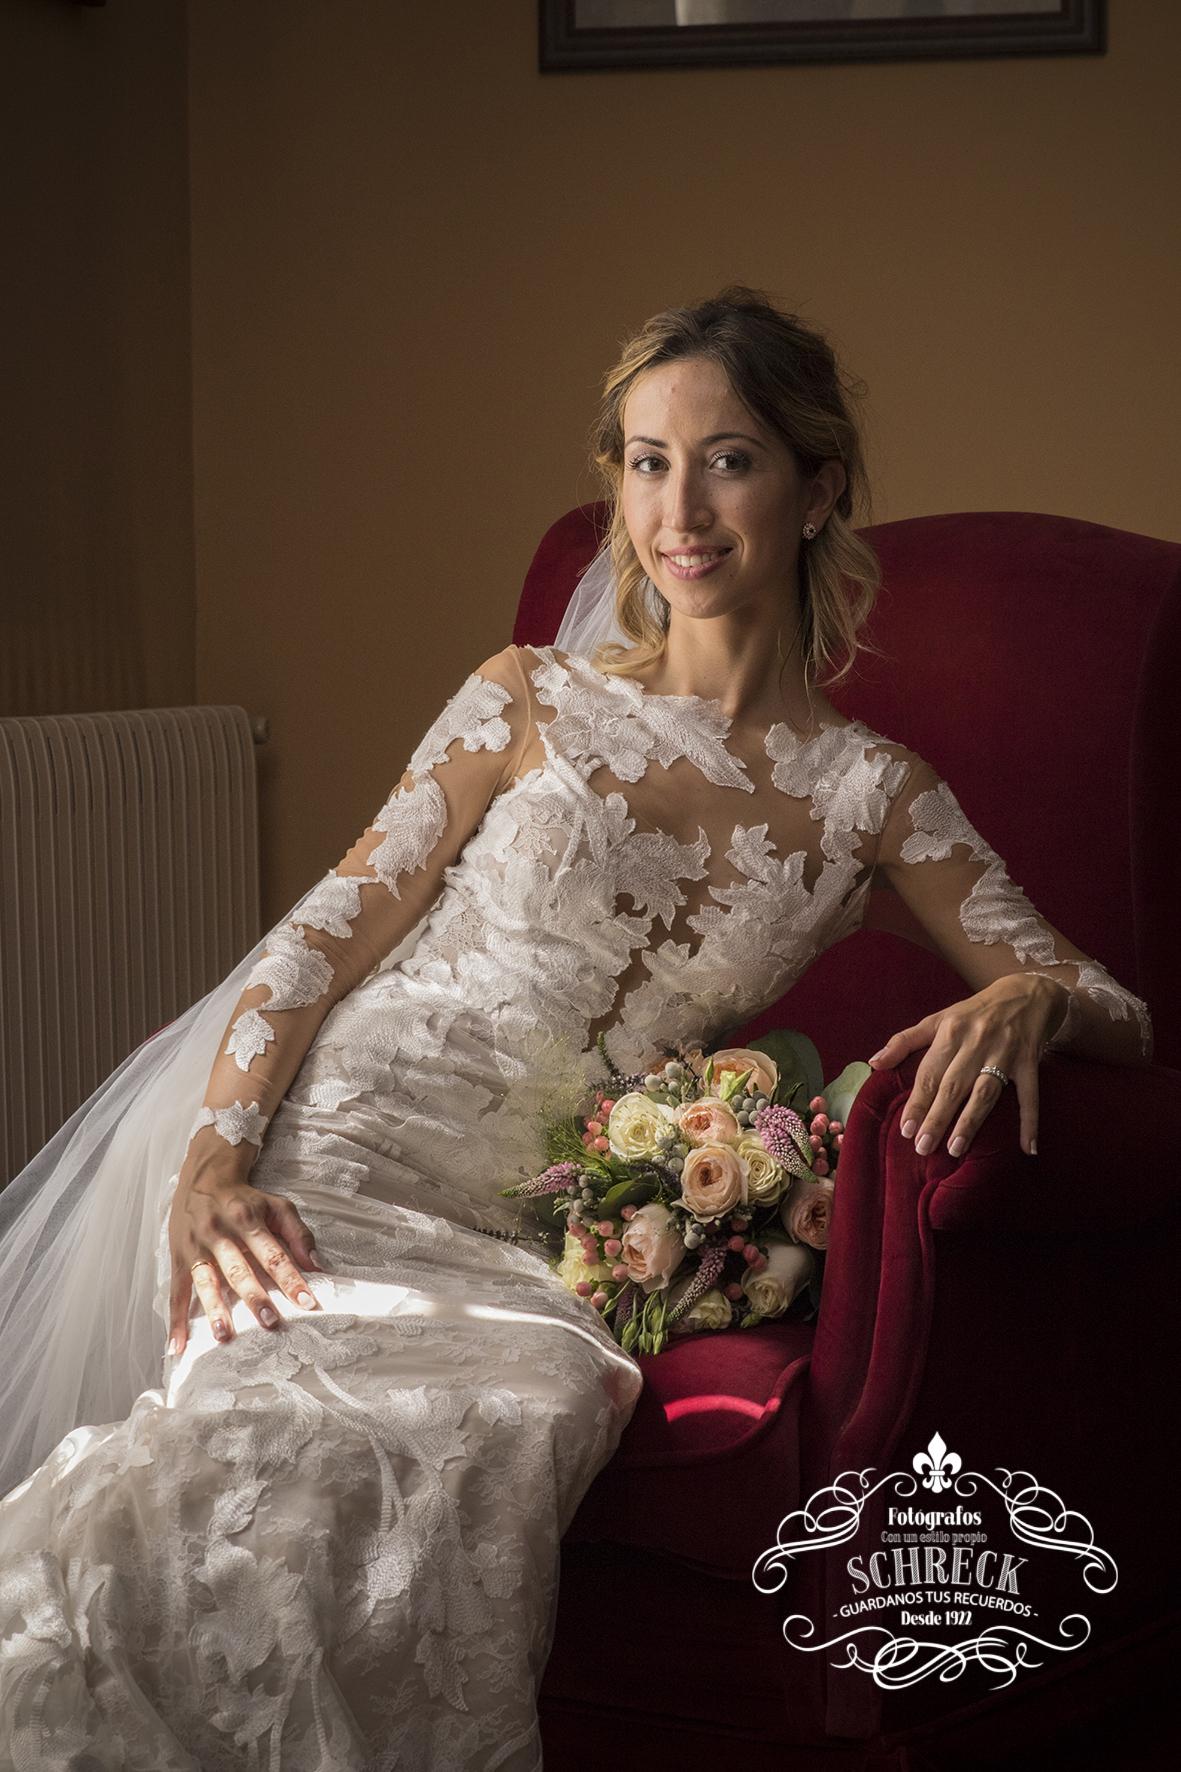 Schreck Fotografía de bodas en Ourense